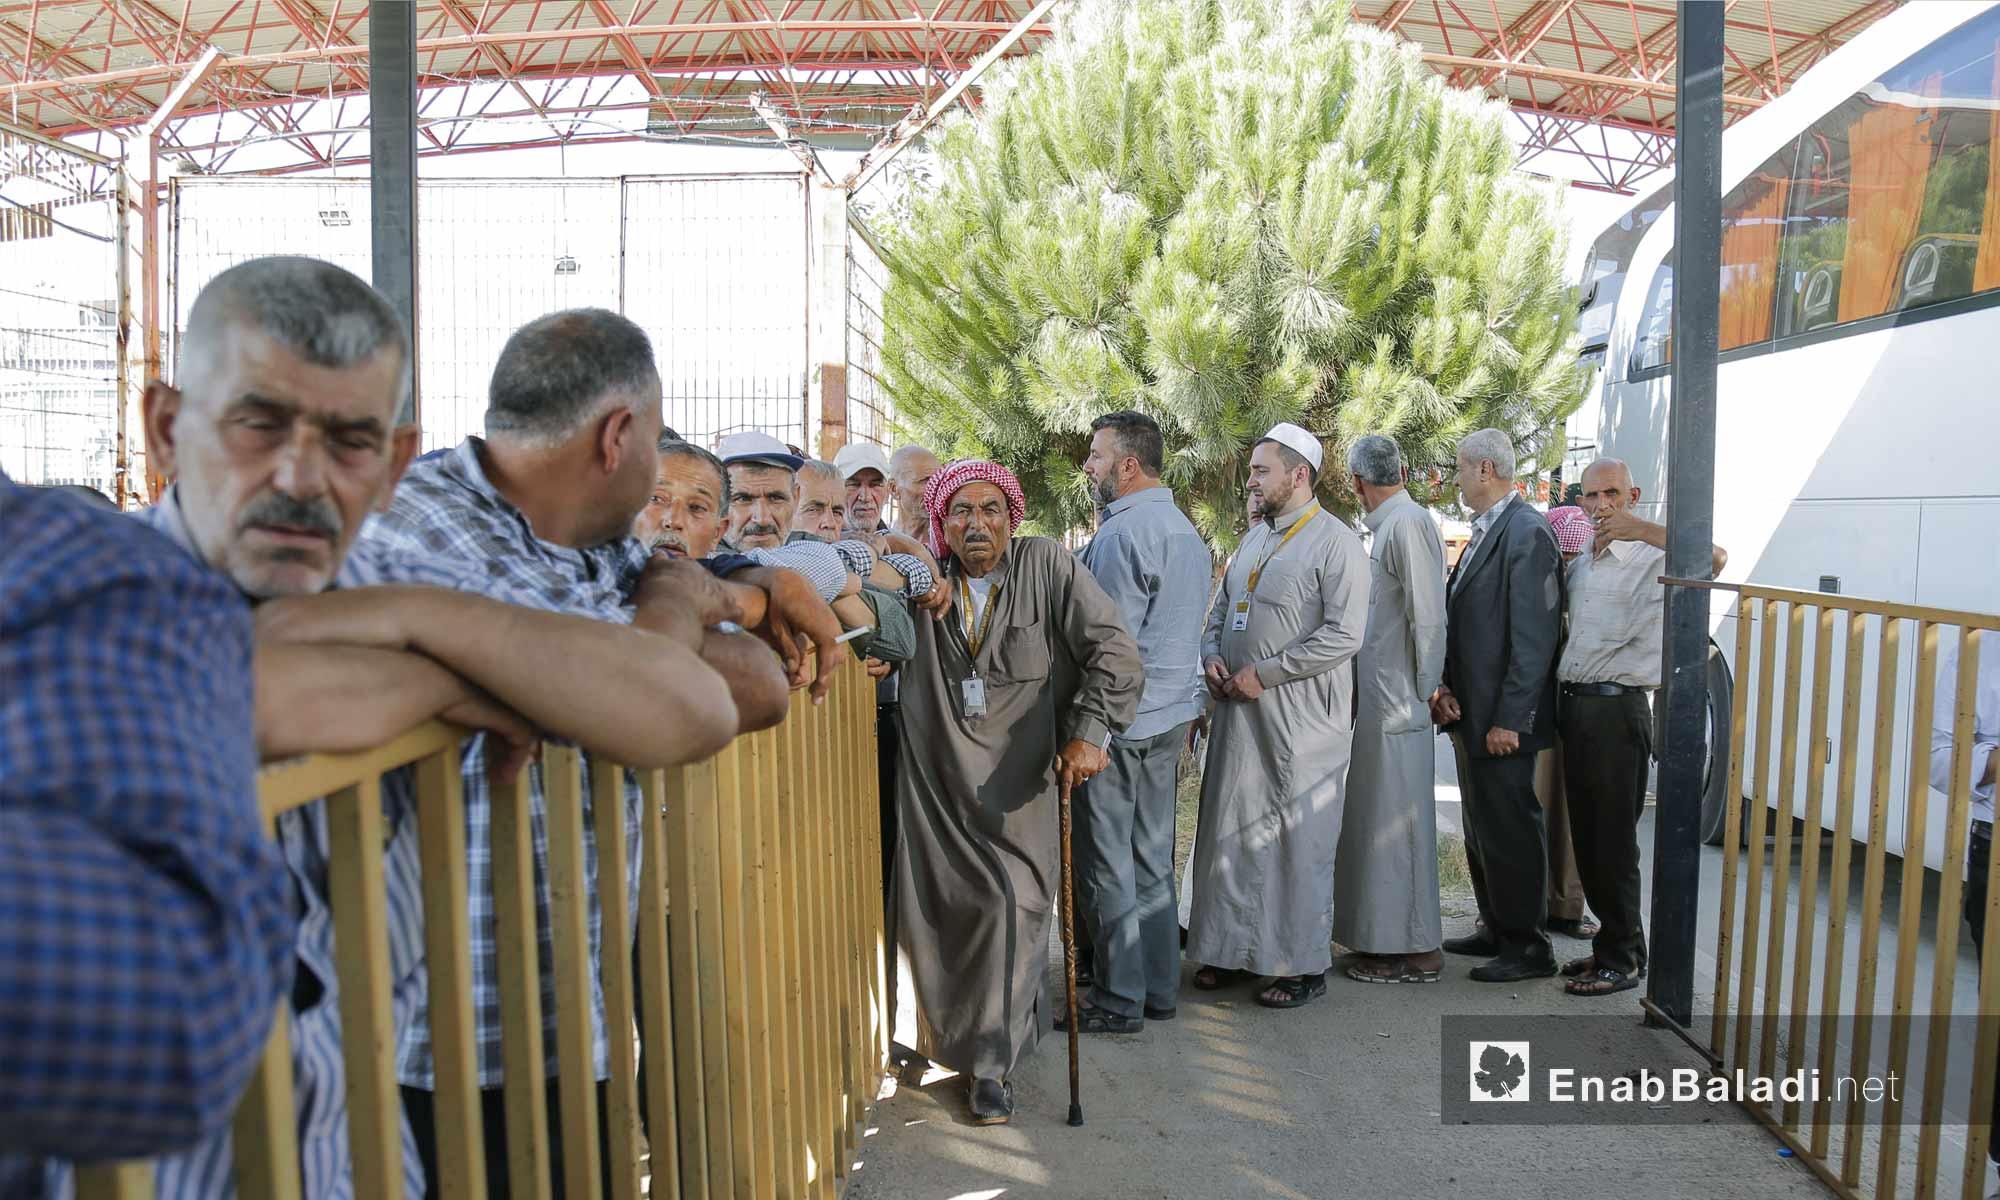 حجاج سوريون يعبرون معبر باب السلامة بريف حلب للسفر إلى جدة - 4 من آب 2018 (عنب بلدي)